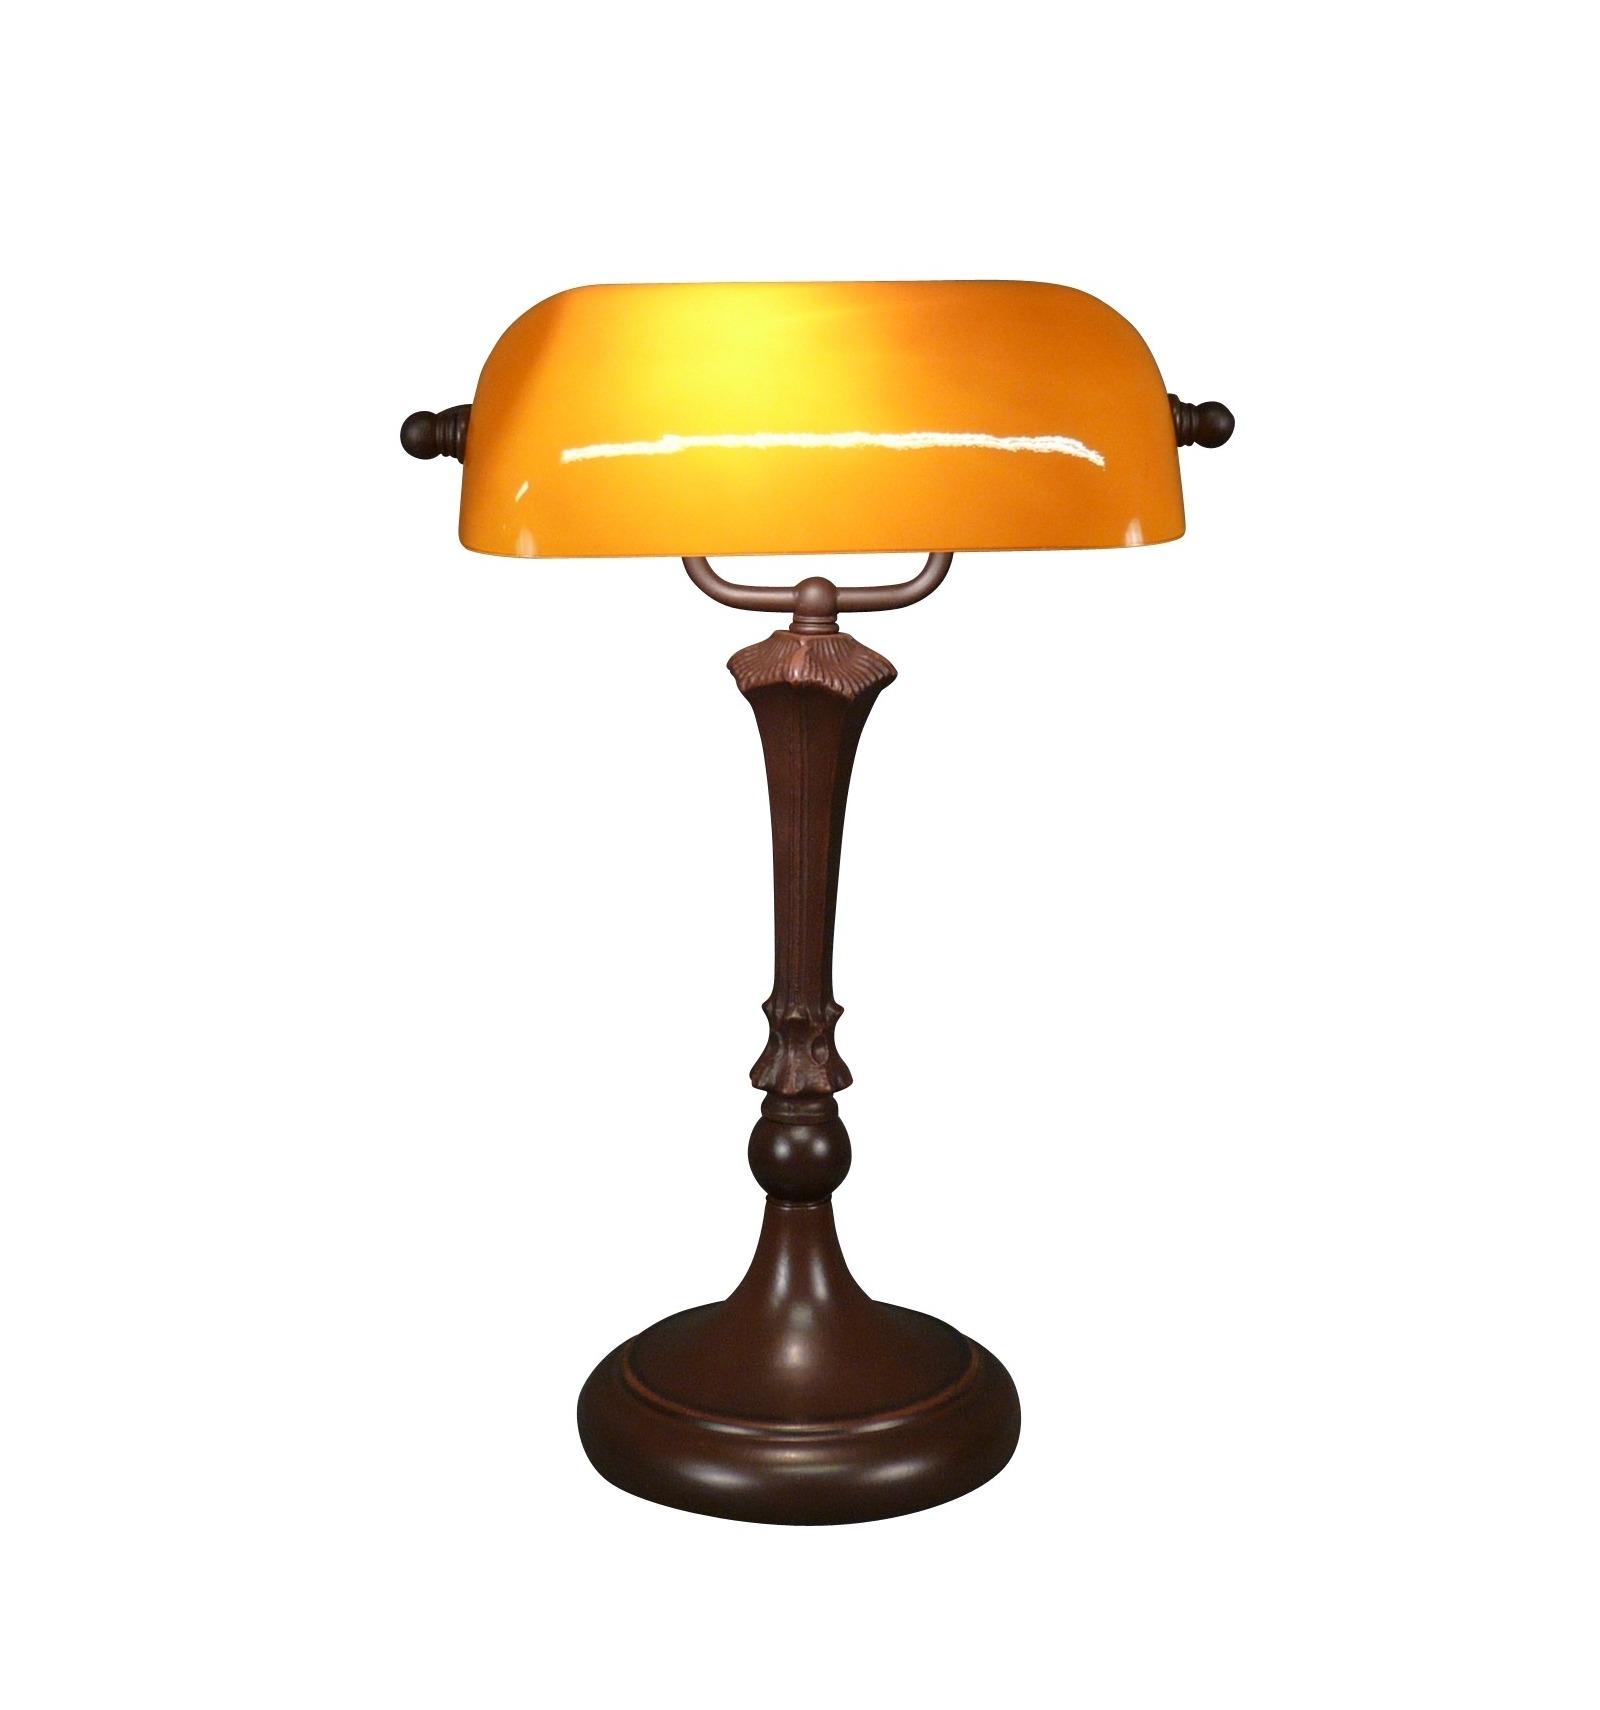 Lampada da tavolo in stile tiffany lampade de scrivania - Lampade tiffany da tavolo ...